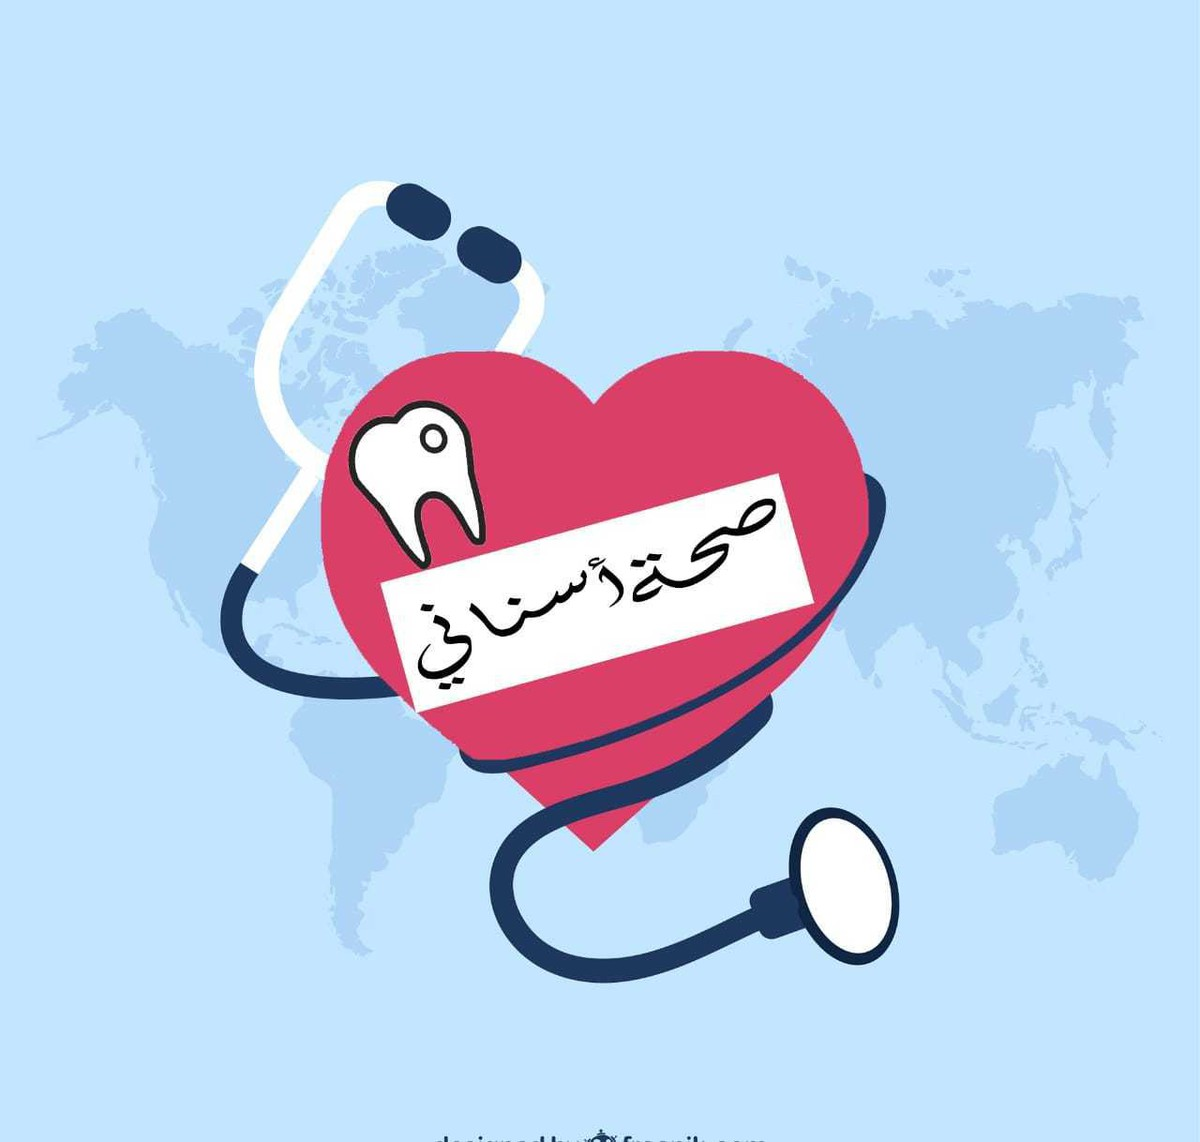 موقع صحة اسناني l